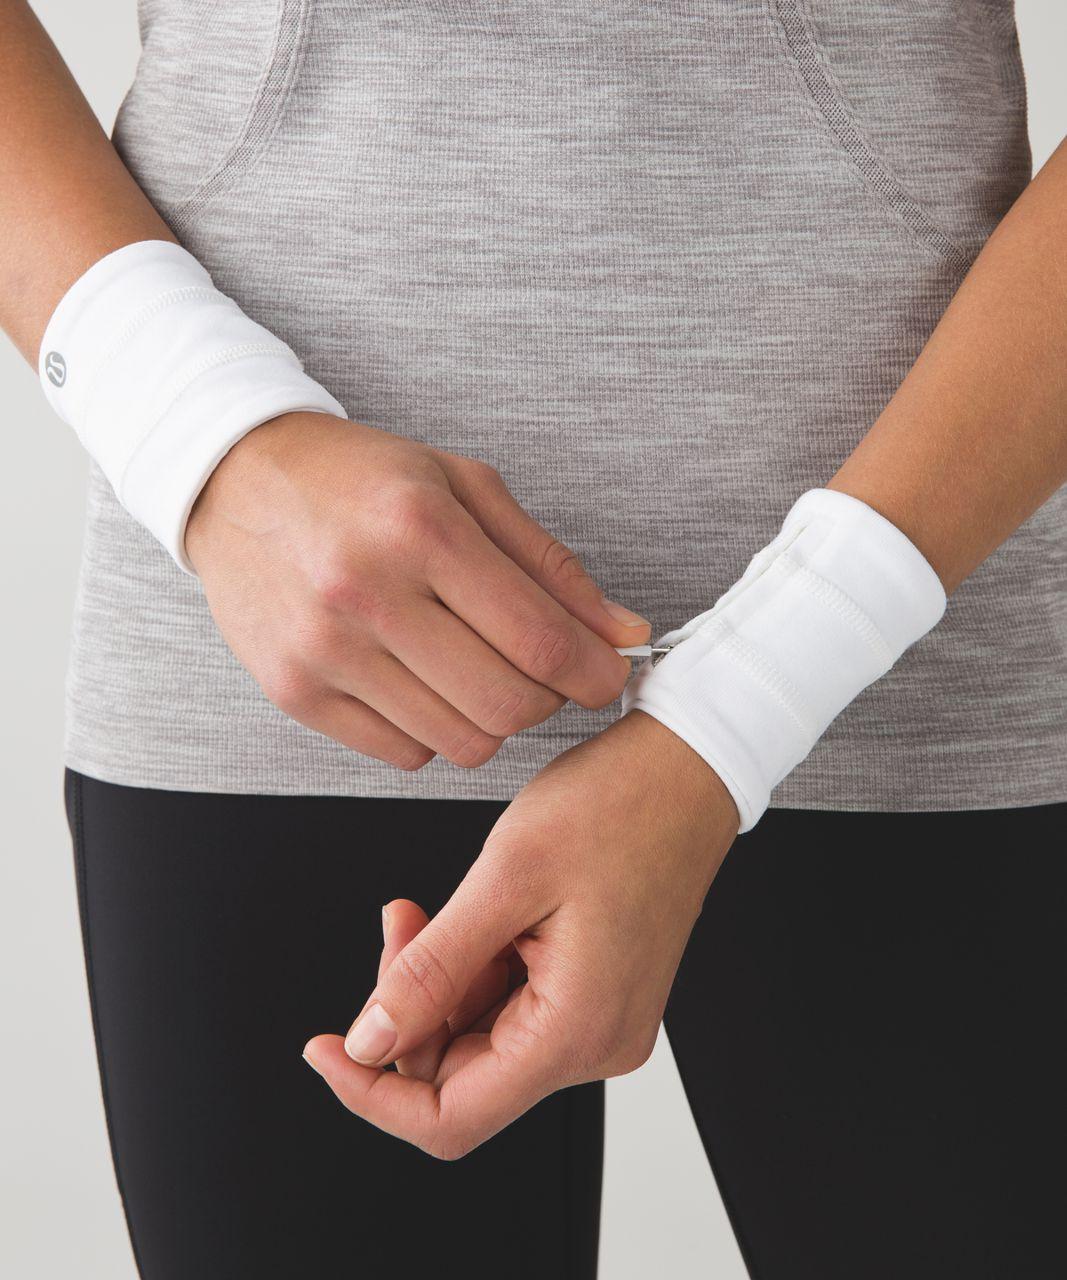 Lululemon Sweat Cuffs - White